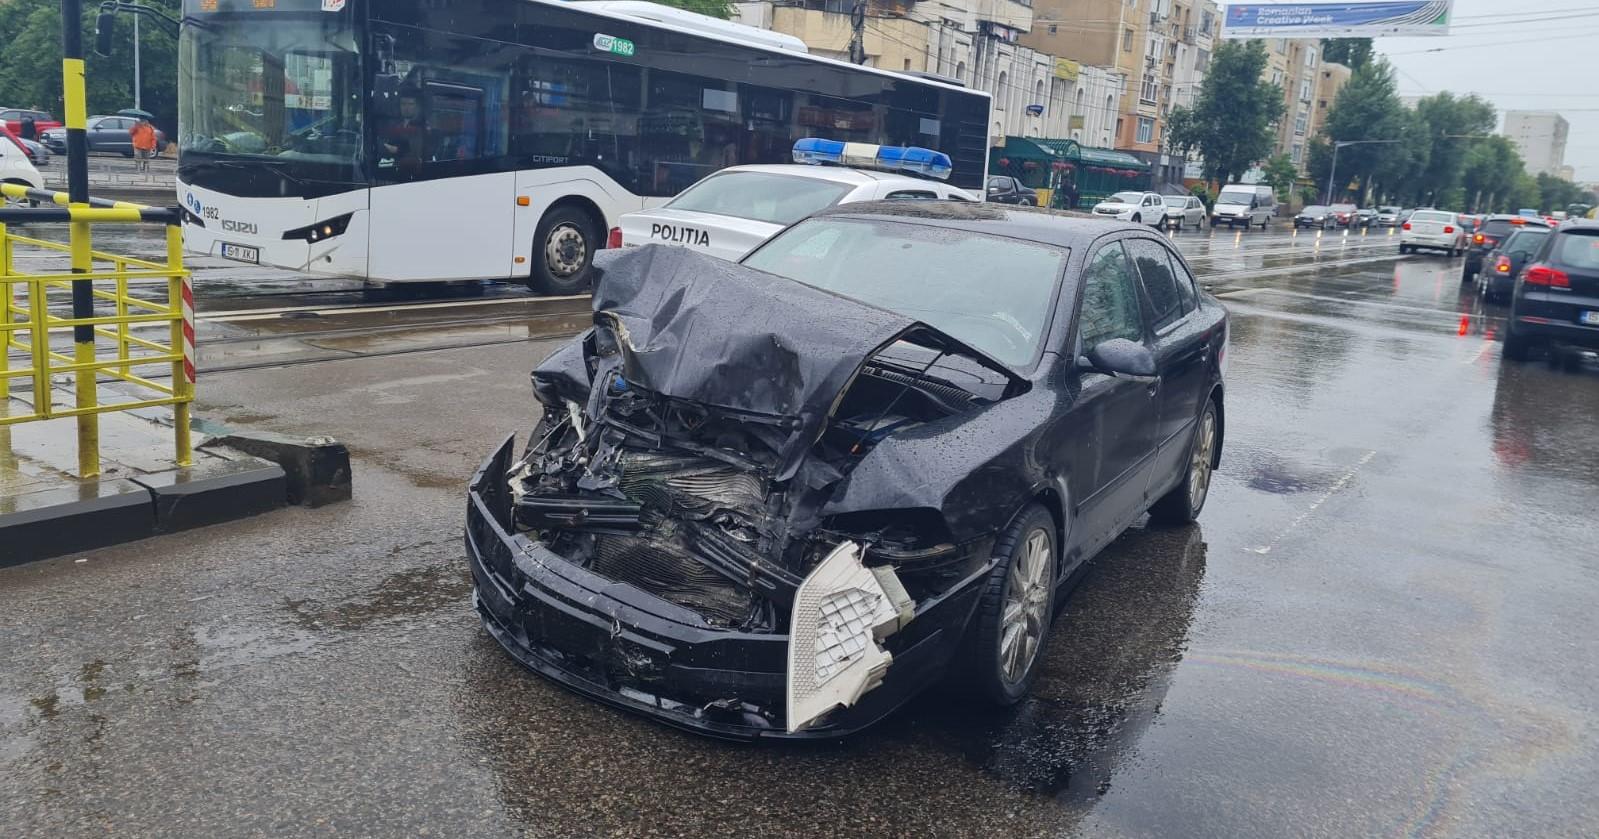 Un șofer a făcut prăpăd pe străzile din Iași. S-a urcat drogat la volan și a lovit 15 mașini